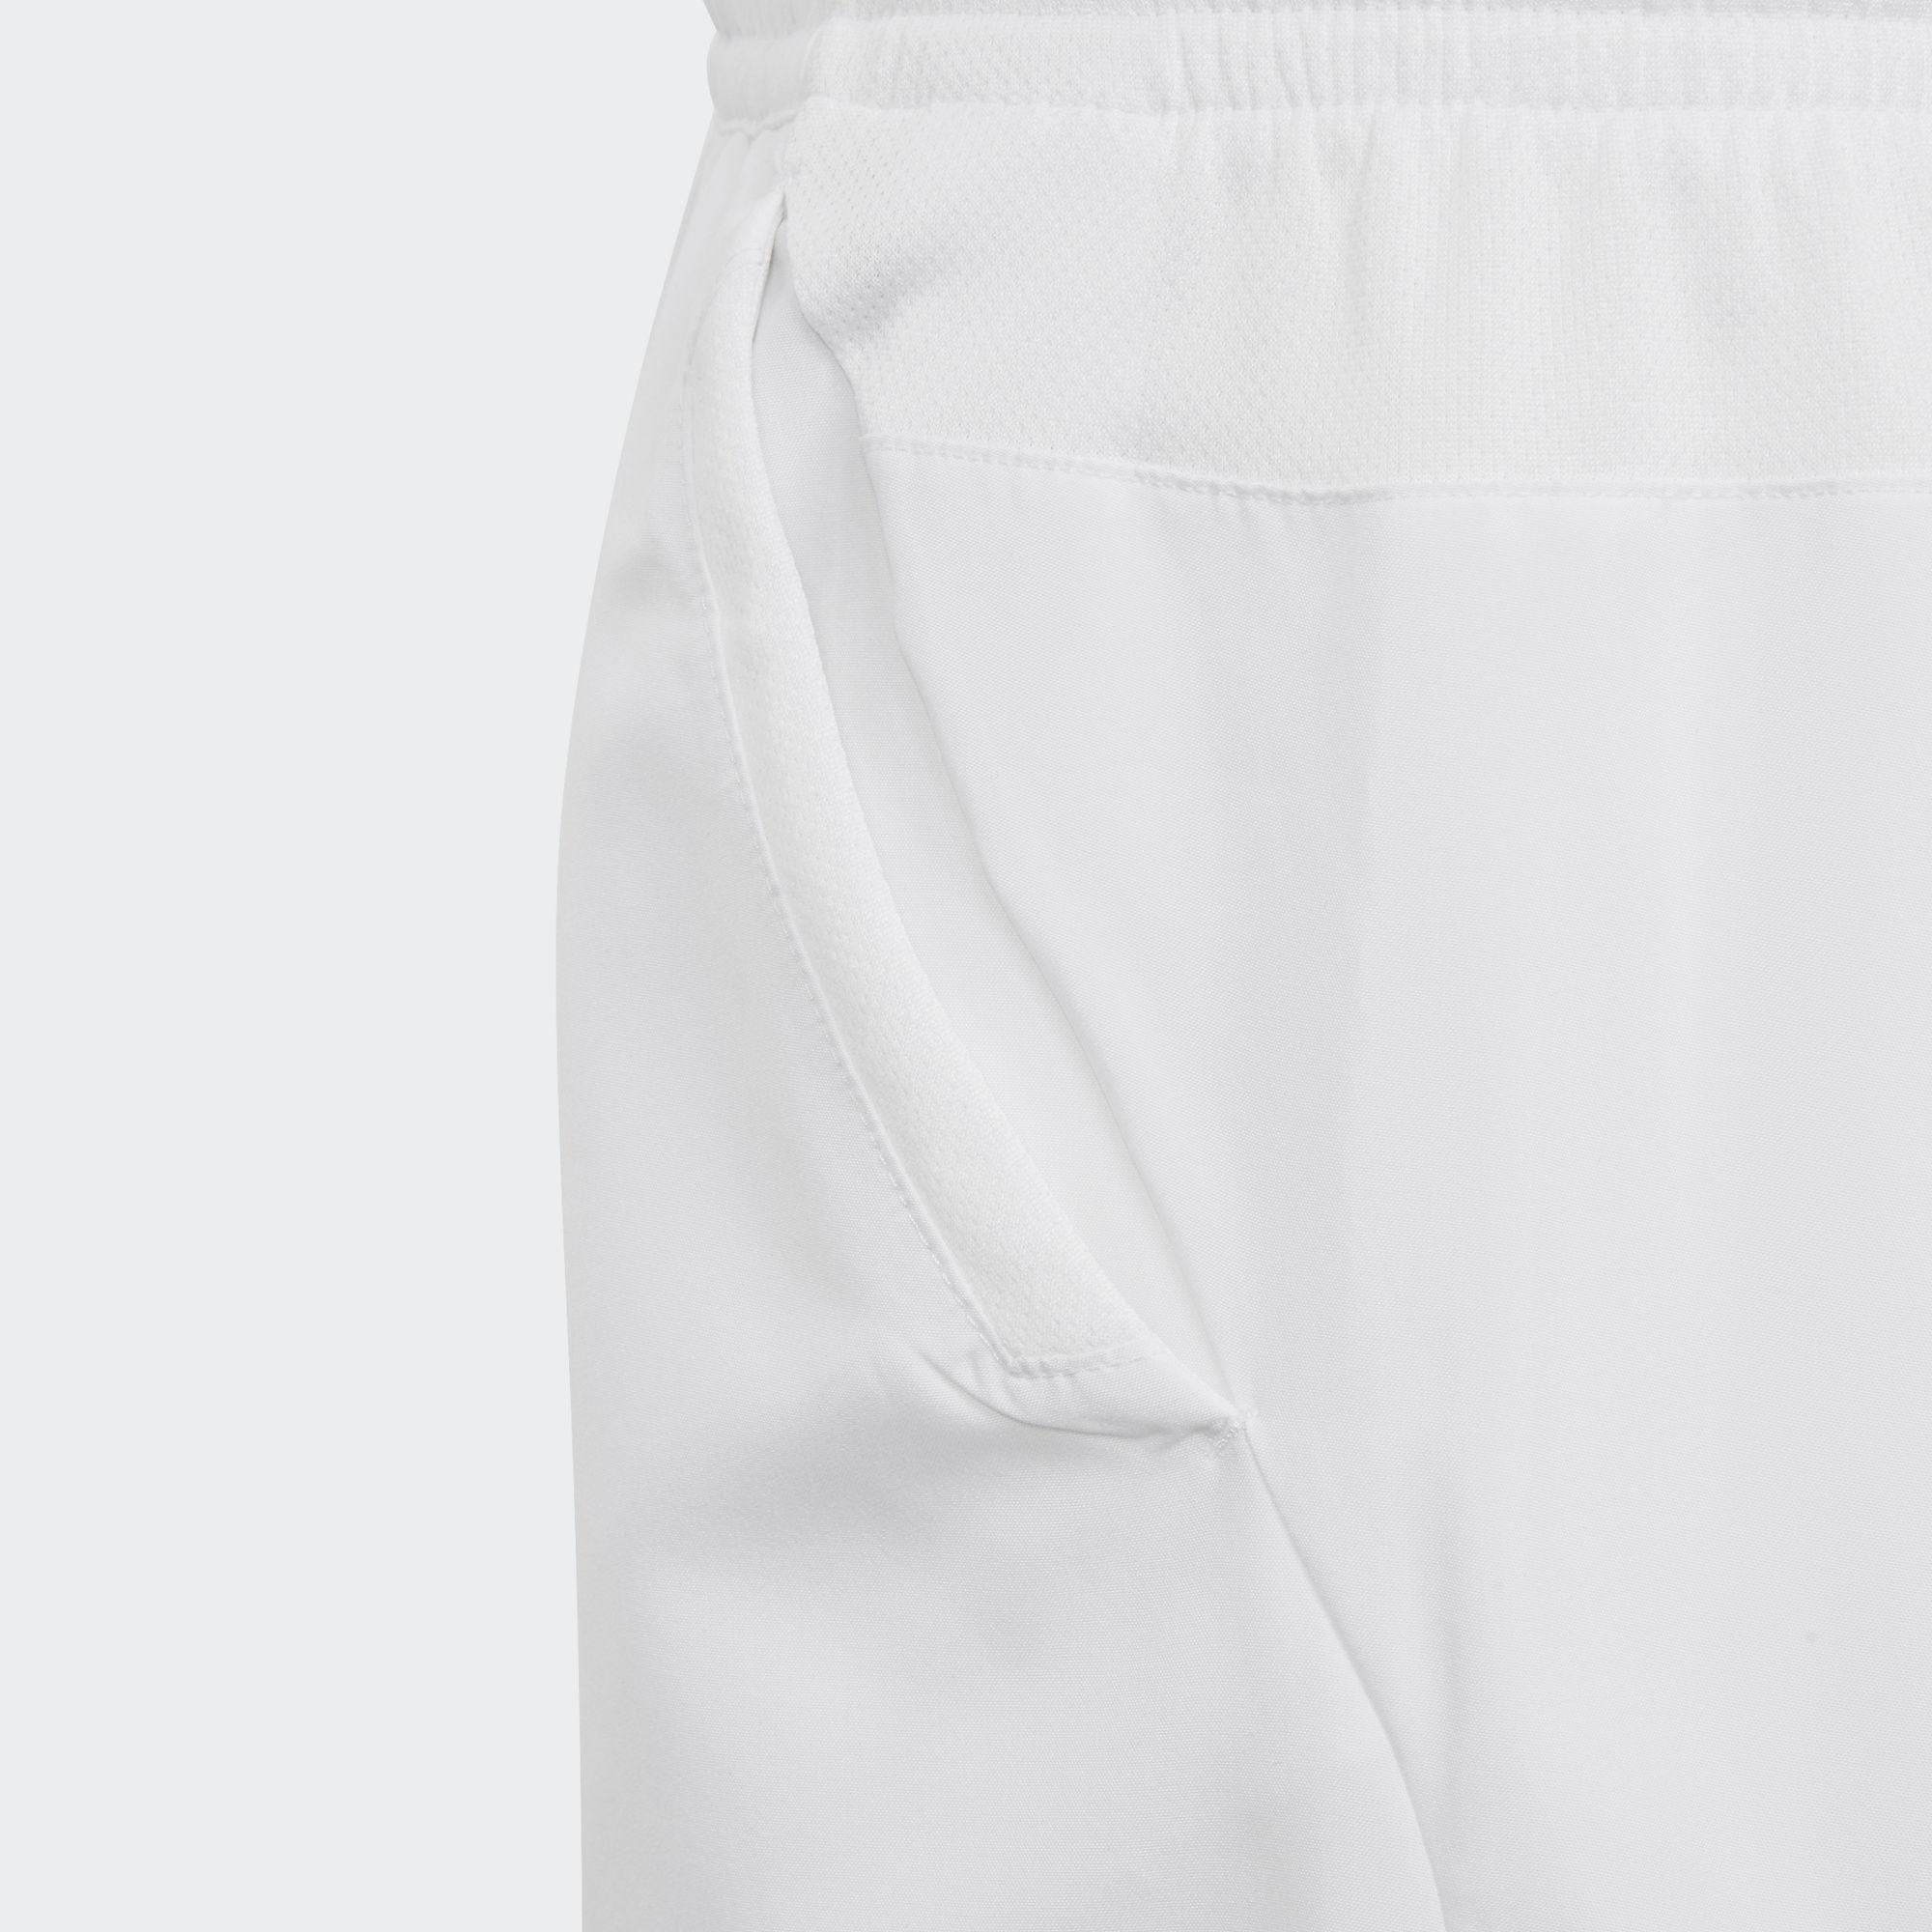 4661f7235 Adidas Boys Club 3-Stripes Shorts - White - Tennisnuts.com